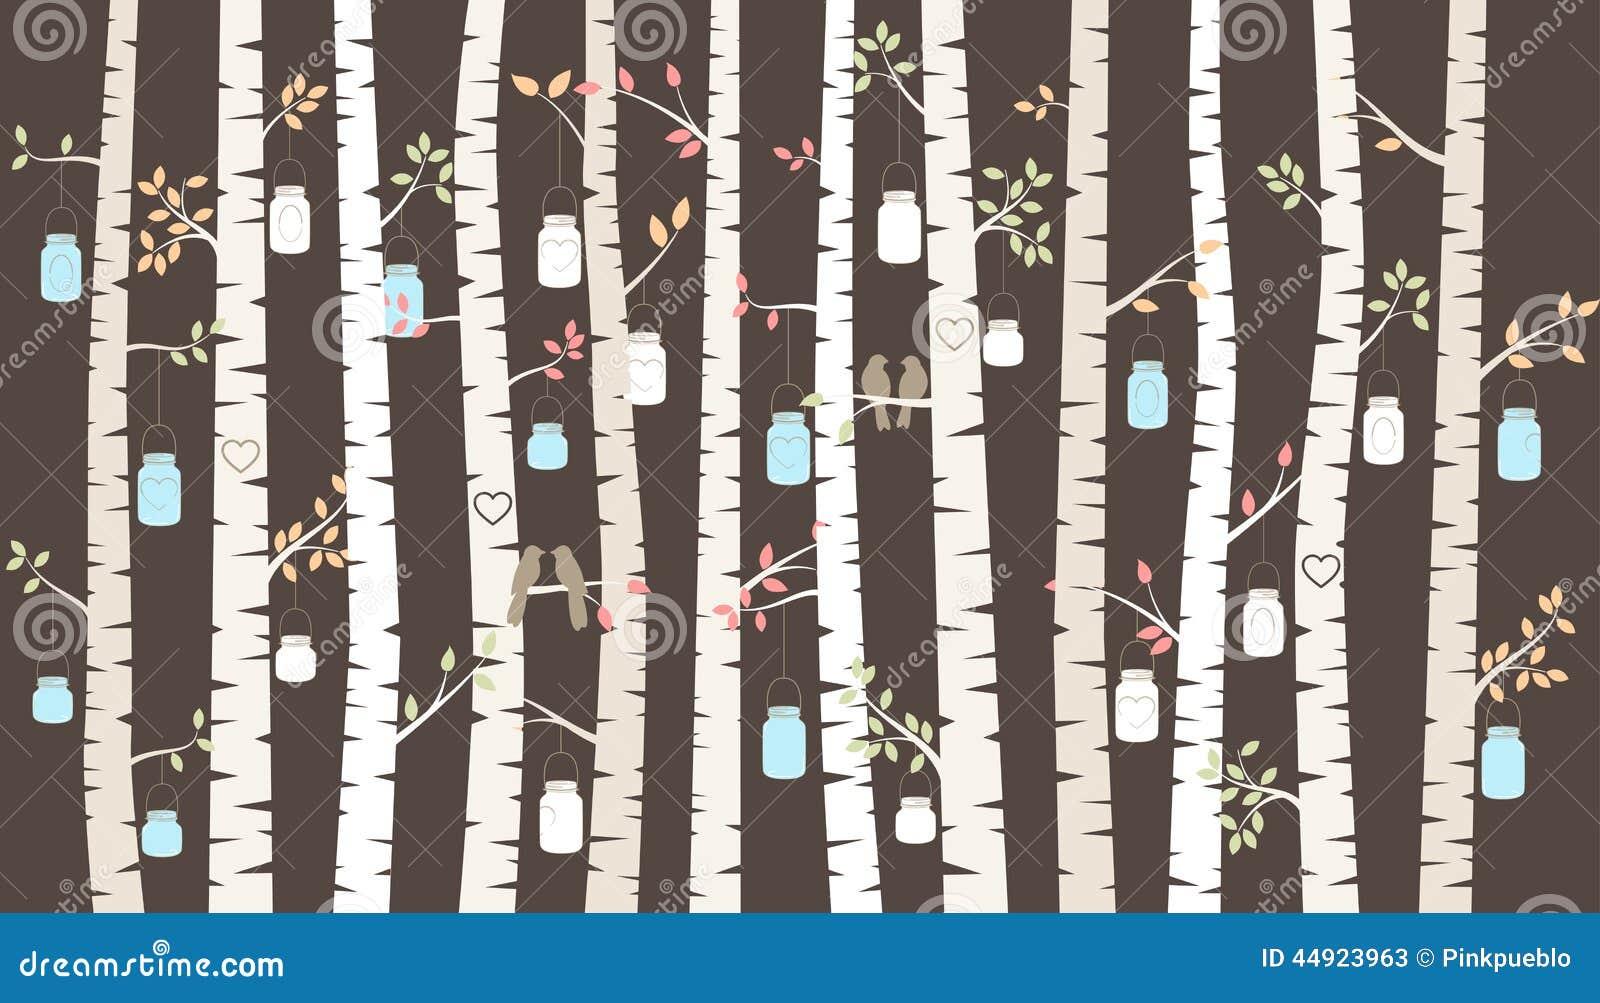 Береза вектора или деревья Aspen с опарниками каменщика смертной казни через повешение и птицами влюбленности